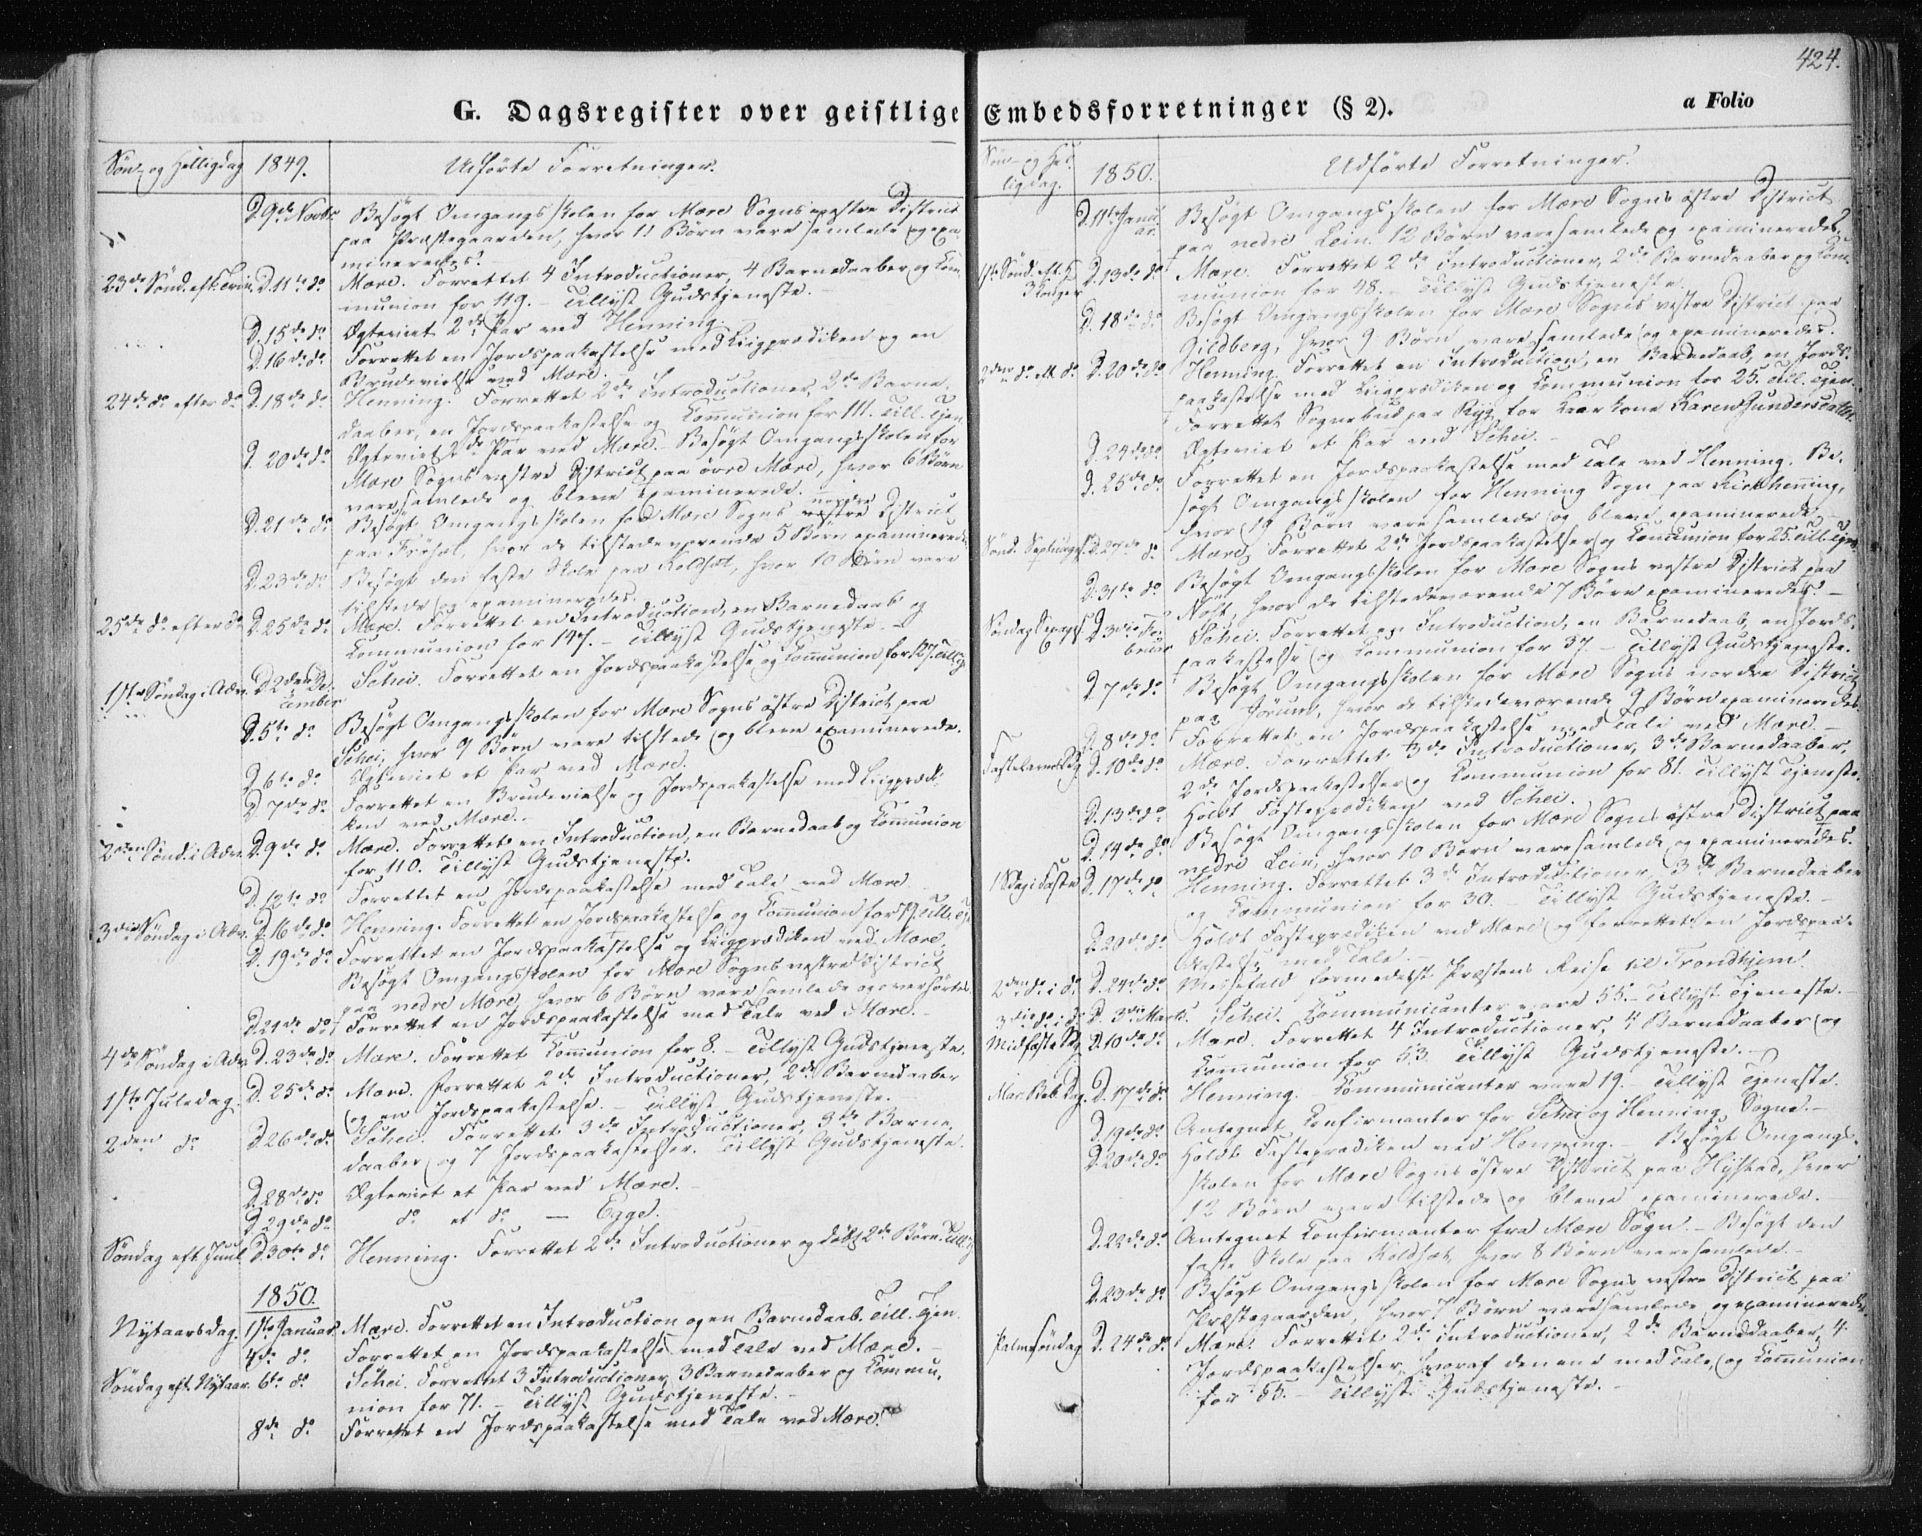 SAT, Ministerialprotokoller, klokkerbøker og fødselsregistre - Nord-Trøndelag, 735/L0342: Ministerialbok nr. 735A07 /1, 1849-1862, s. 424